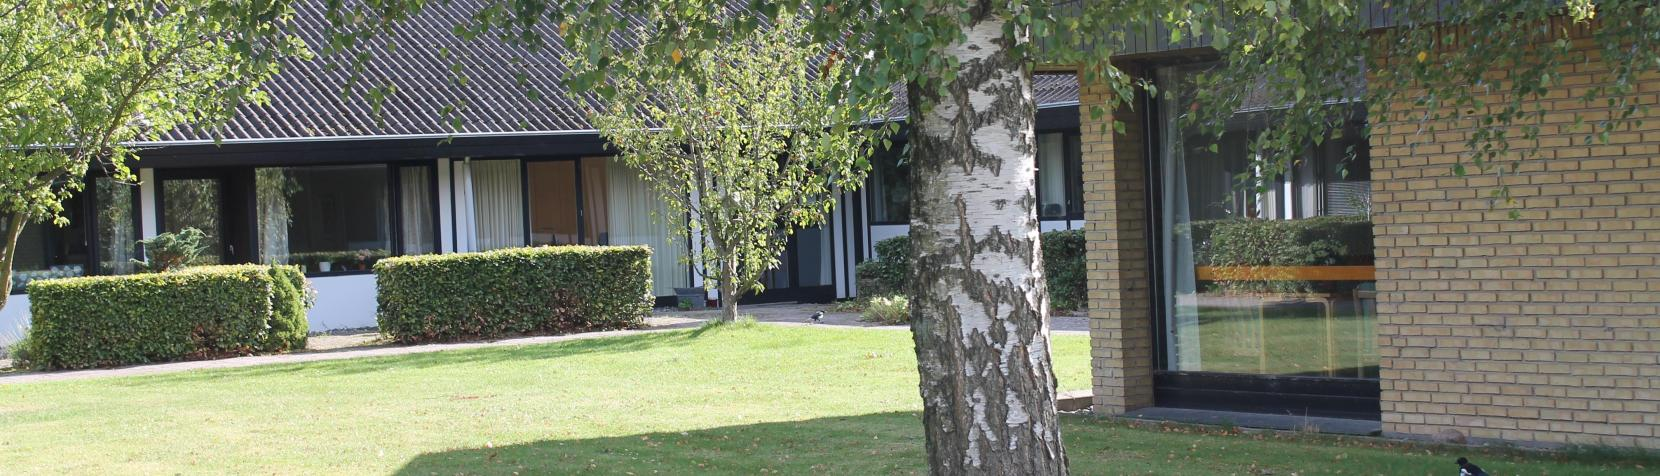 Billedet viser bygninger Soldraget 37a med et birketræ foran